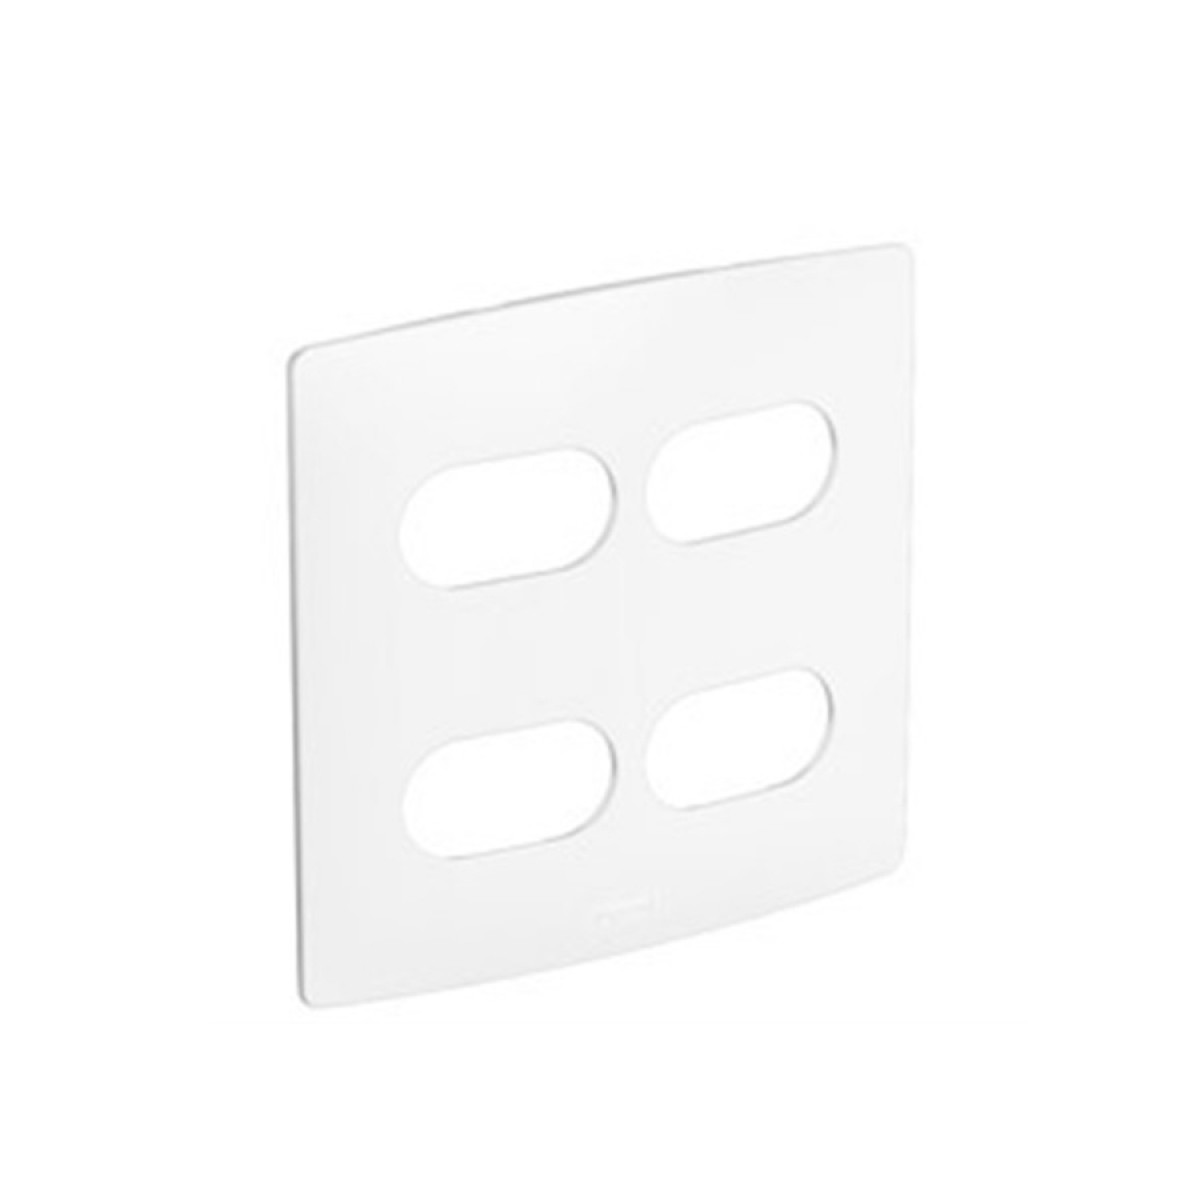 Placa 4 postos 4X4 - Pial Nereya - 663420